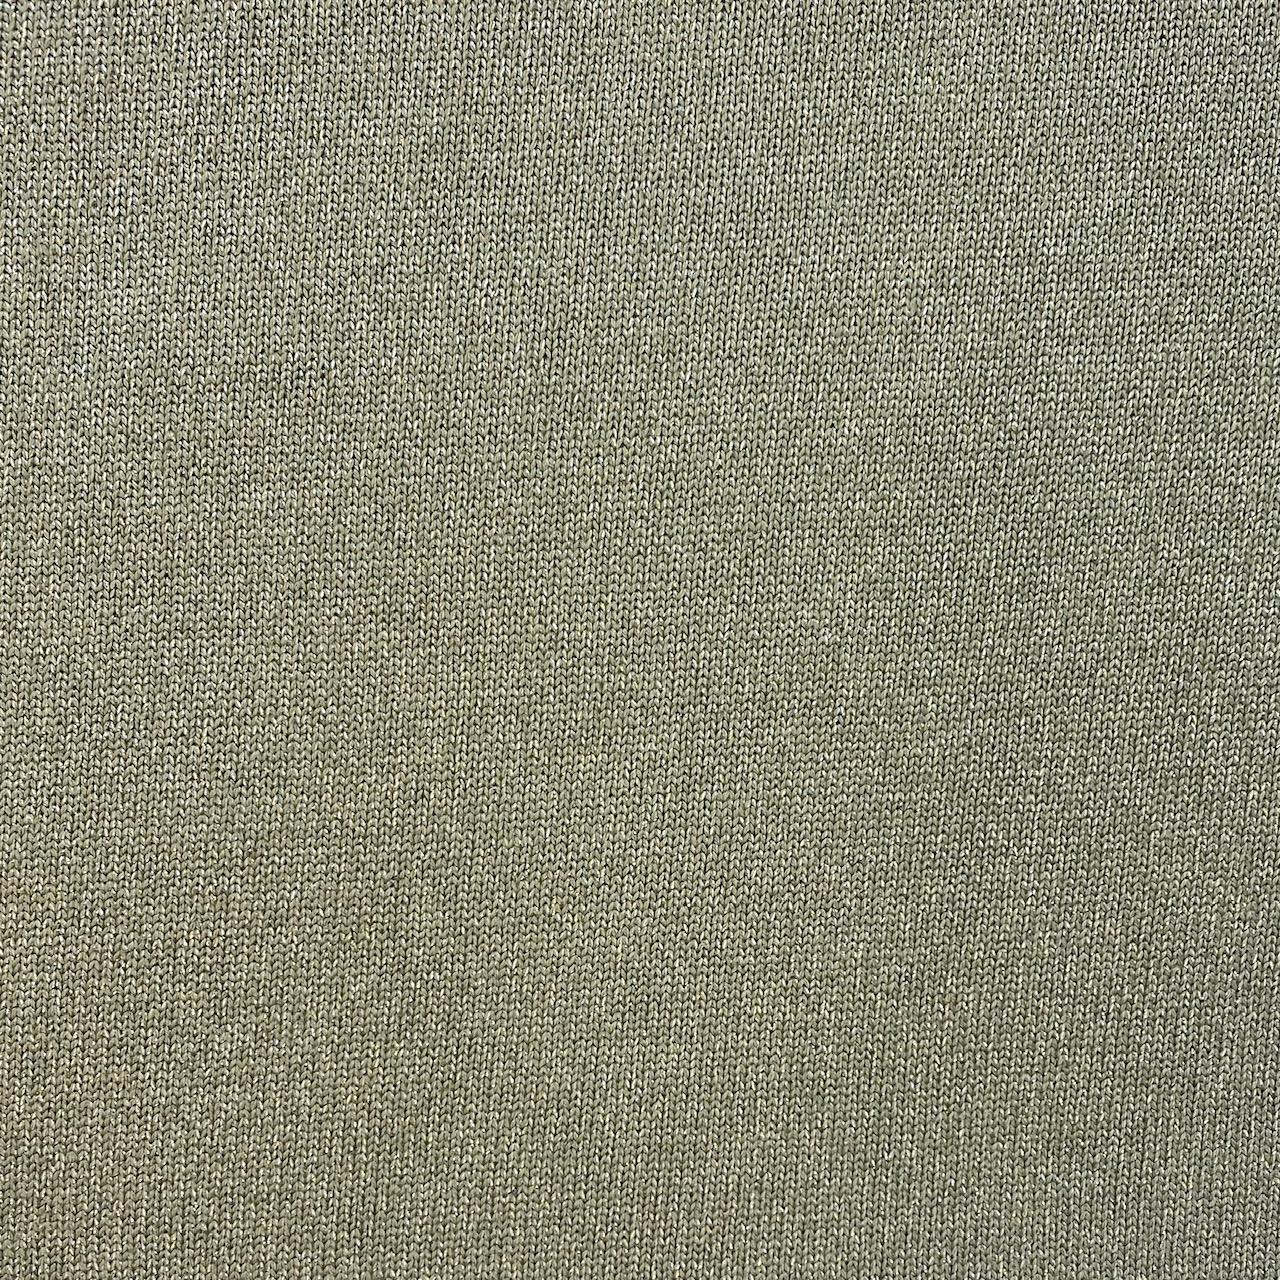 Viskose Strickstoff mit Lurex, hellmint. Art. 4871.126